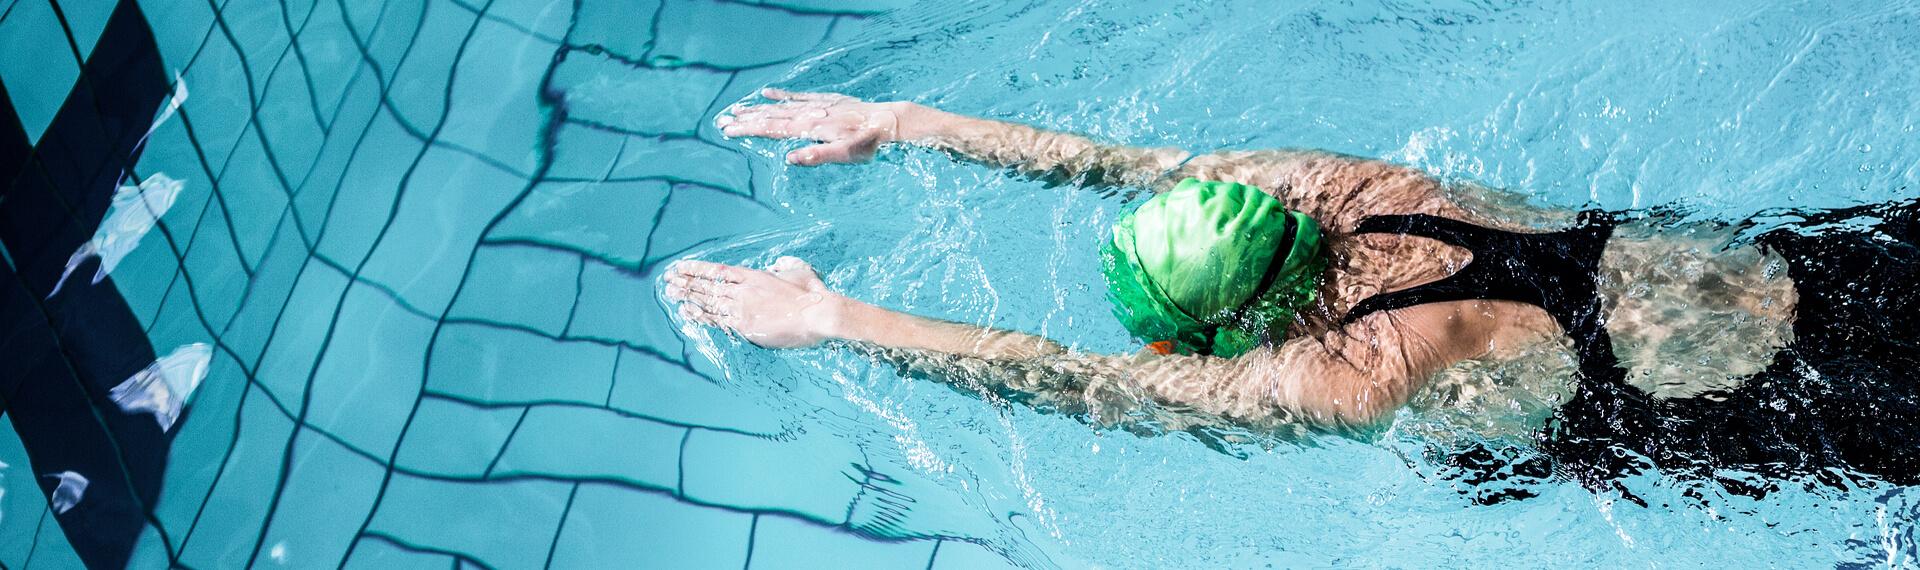 Schwimmkurse für Erwachsene in Darmstadt